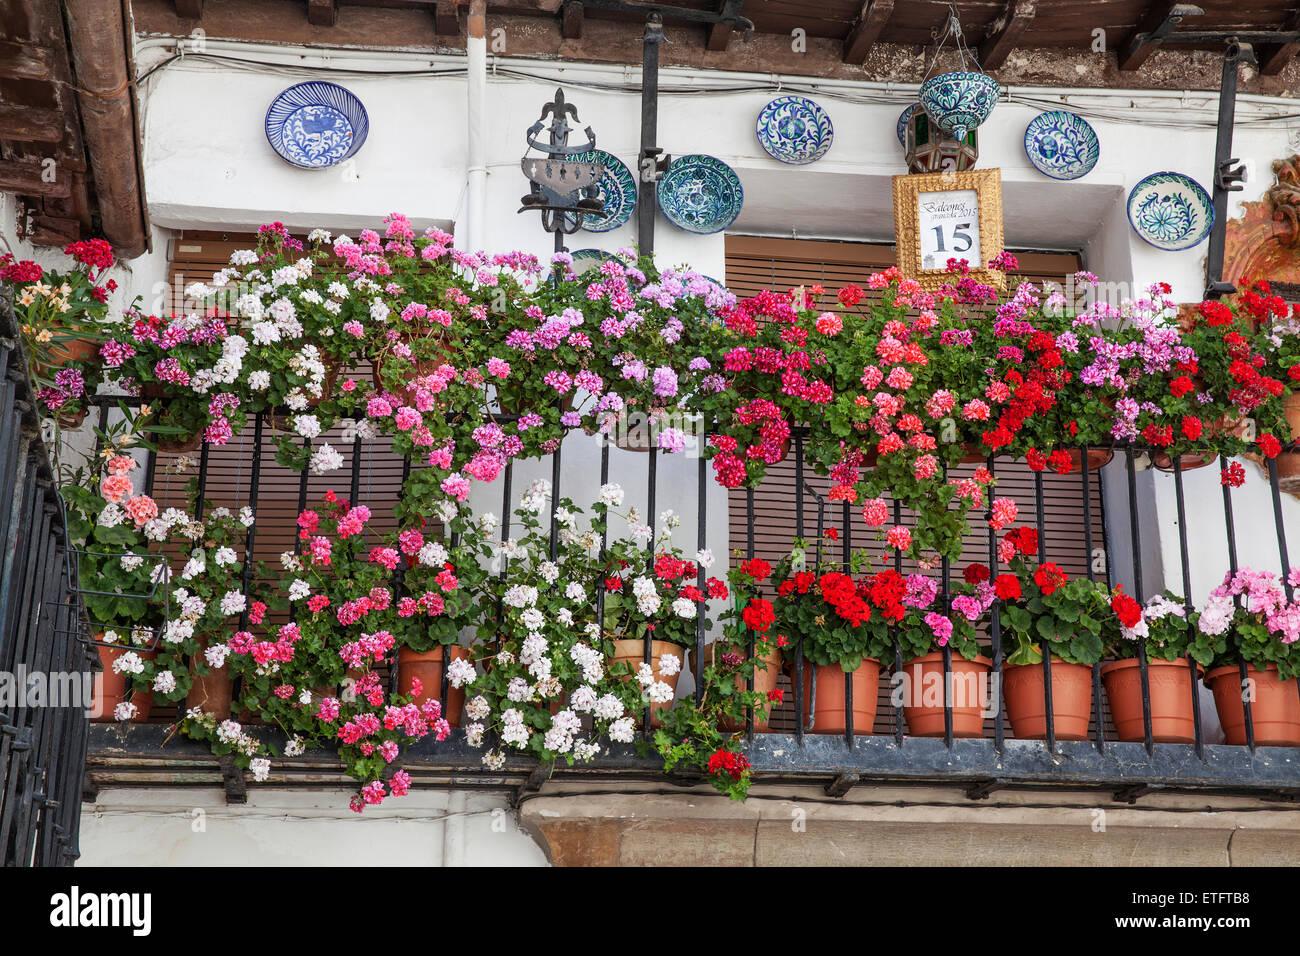 Geranie Blumentöpfe angezeigten Preis gewinnende Balkon - Granada, Andalusien, Spanien Stockbild